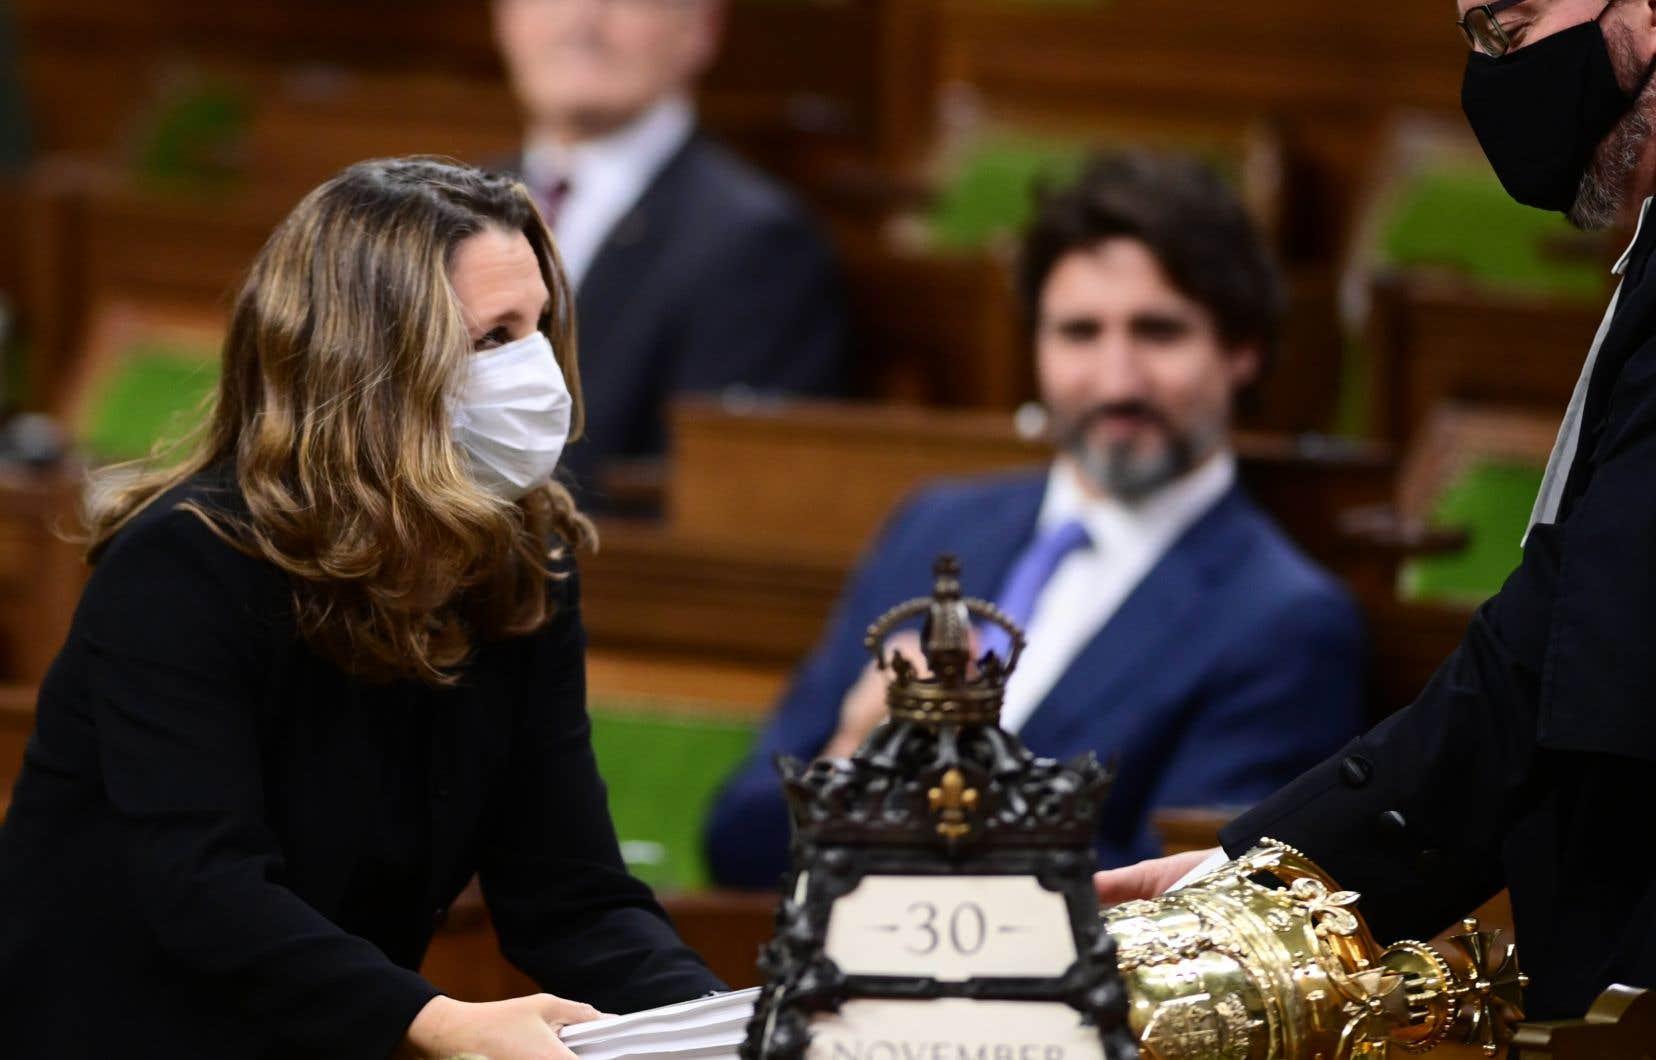 Lors de l'entrevue annuelle de La Presse canadienne, Justin Trudeau est arrivé accompagné de sa vice-première ministre, Crystia Freeland, manifestement désireux de braquer l'attention médiatique sur elle.